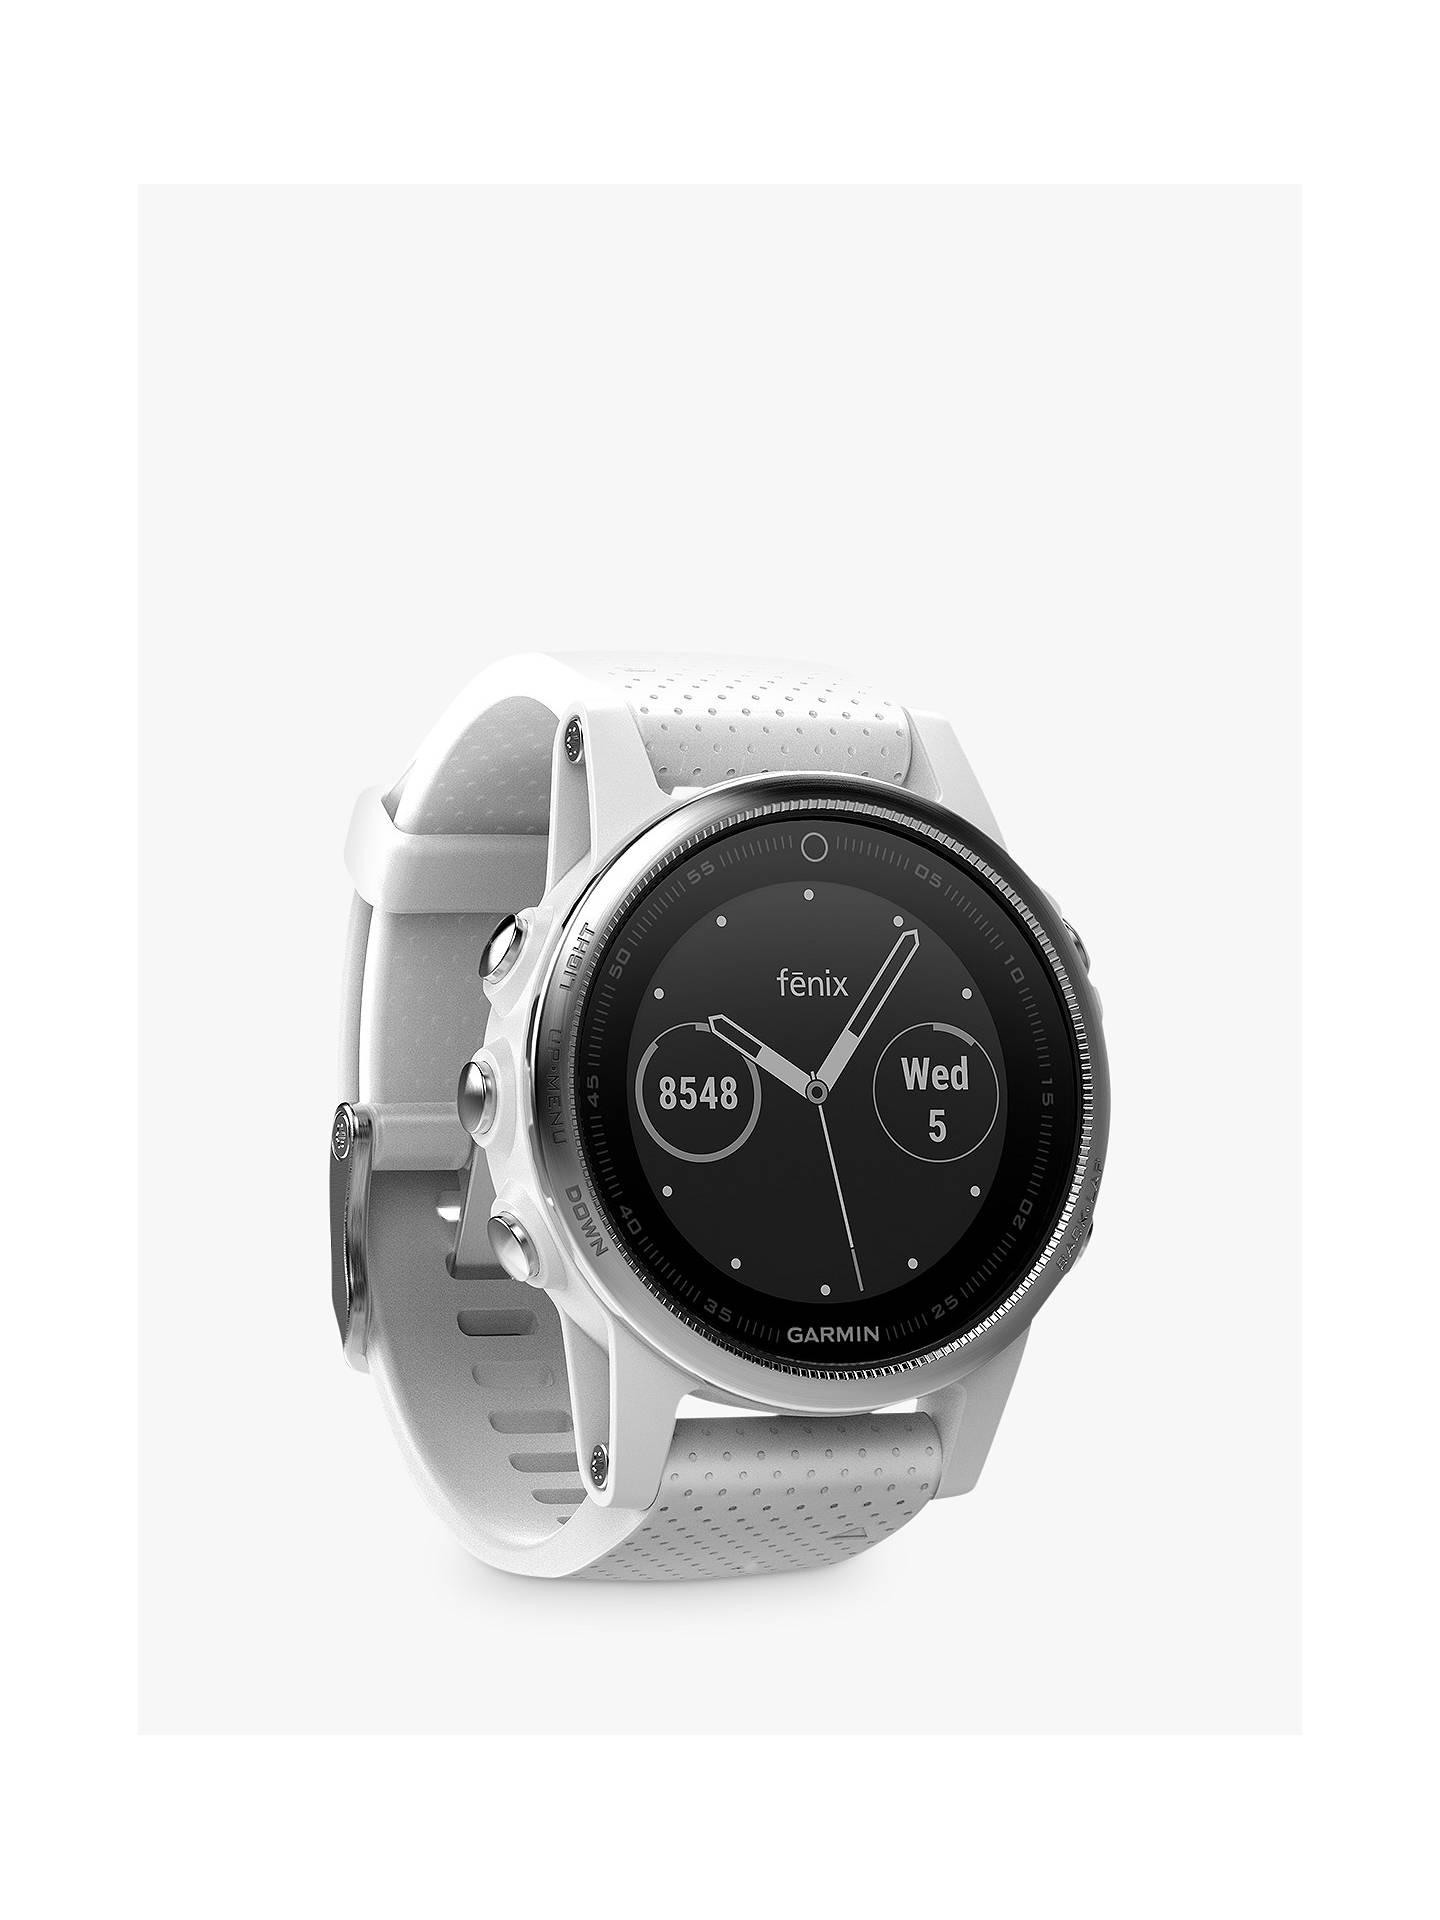 Garmin fēnix 5S GPS Multisport Watch, White